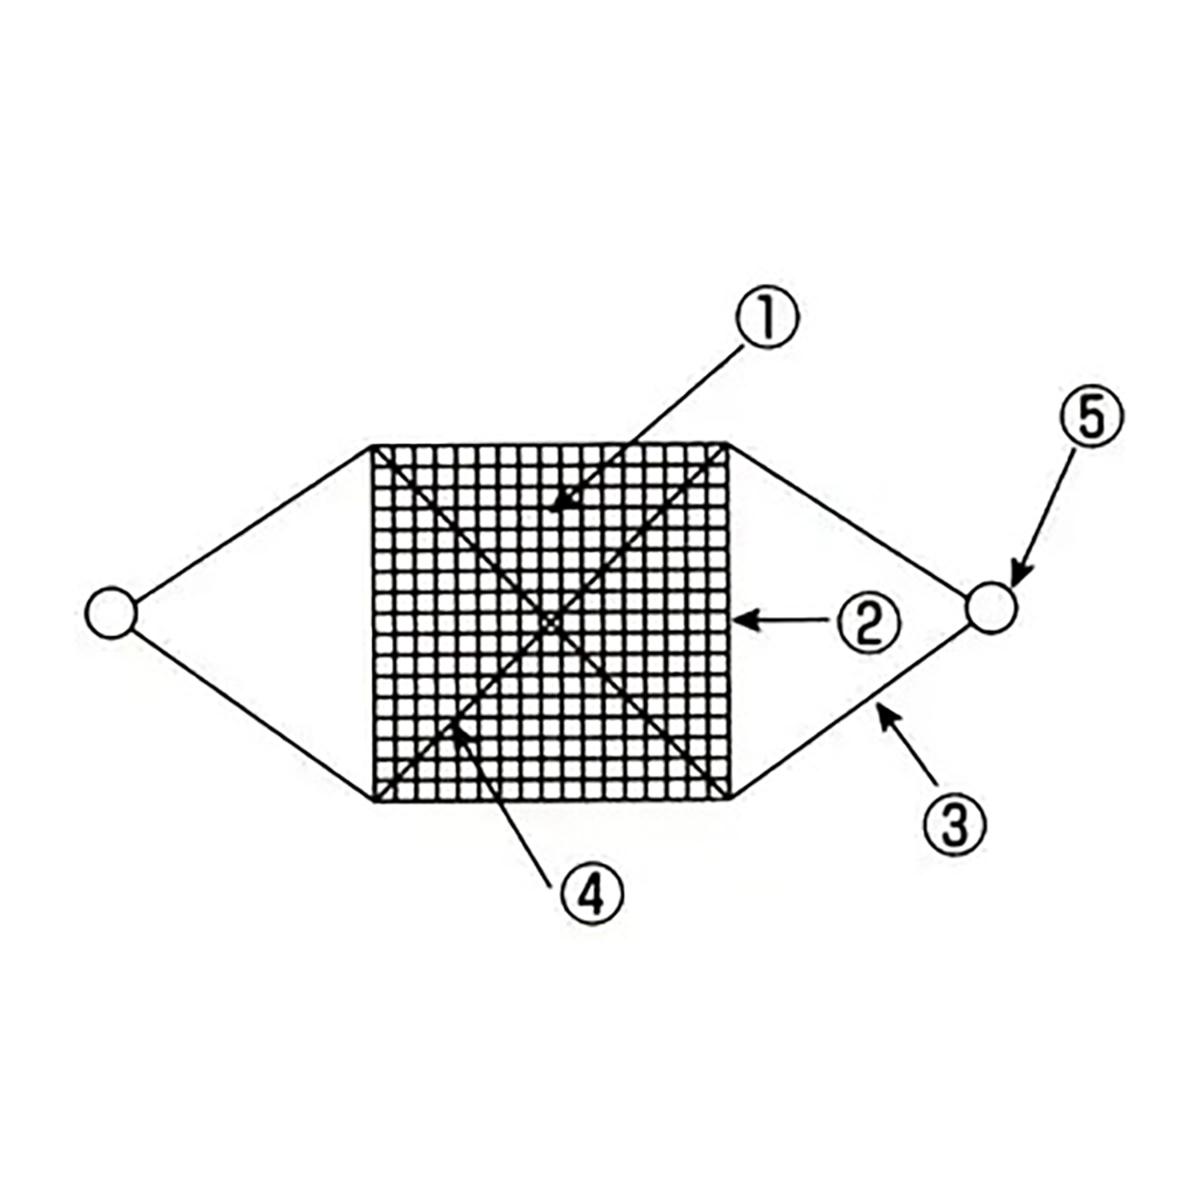 ワイヤーモッコ シートなし 1.8m角  網目サイズ120mm